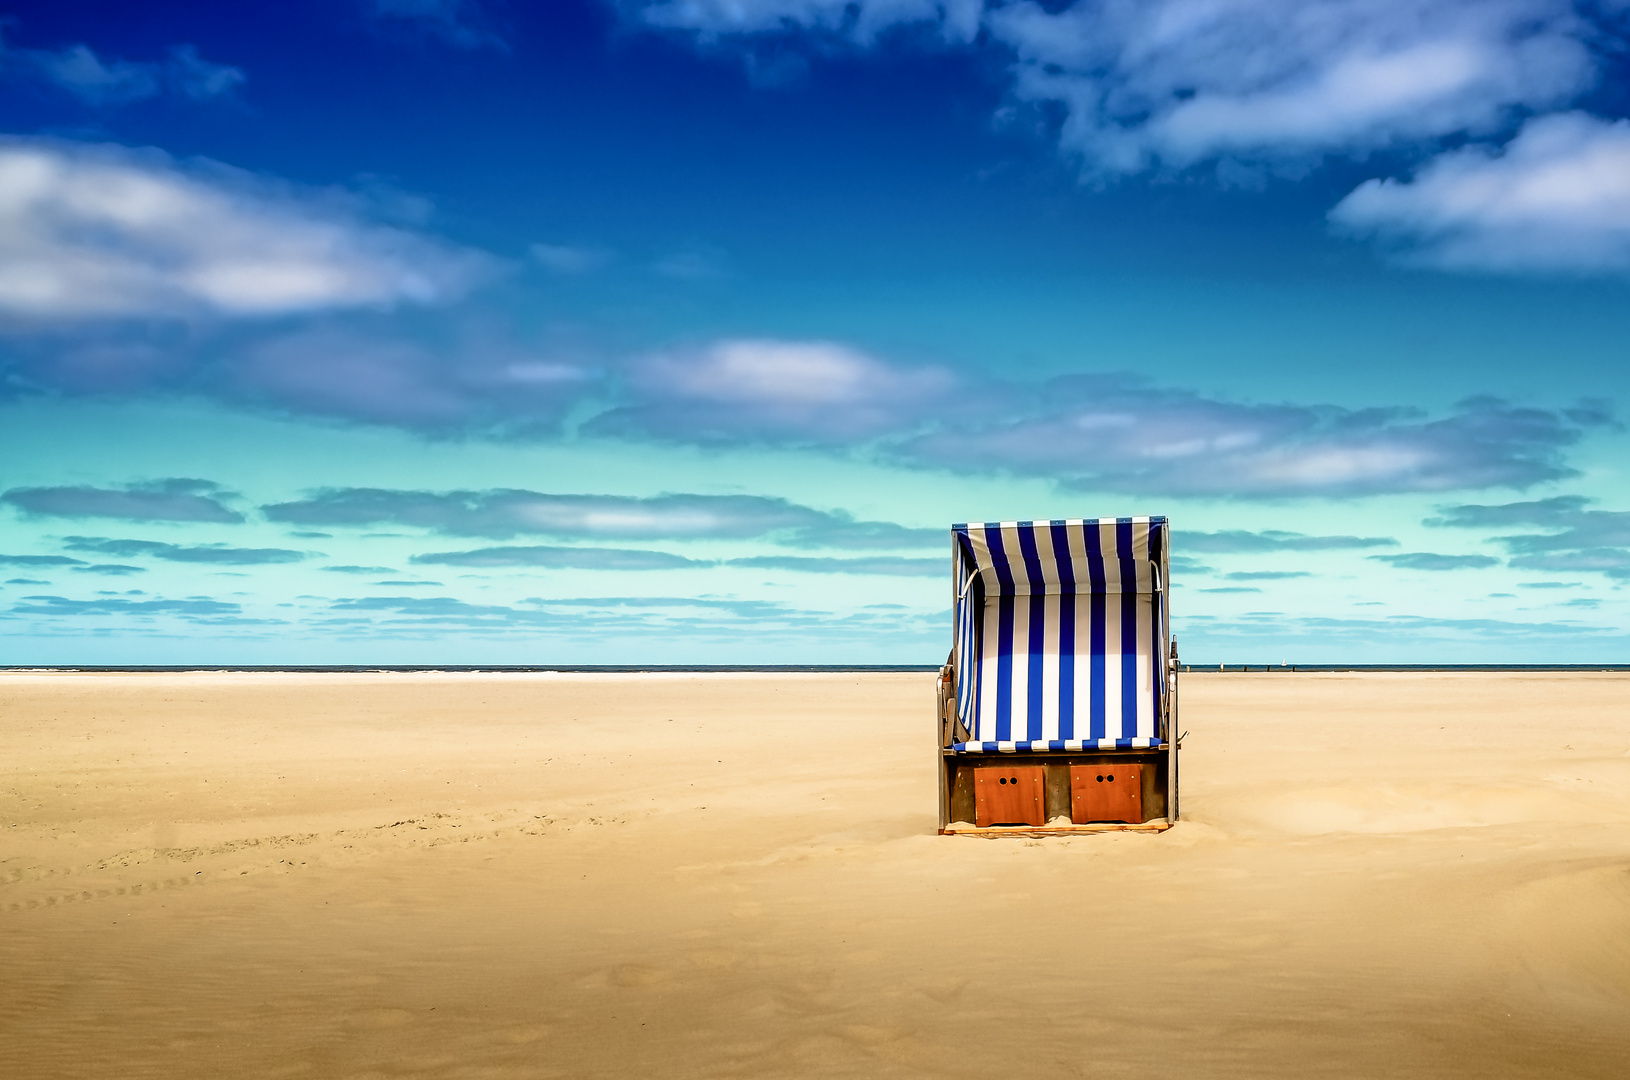 Strand - Stillleben auf Norderney